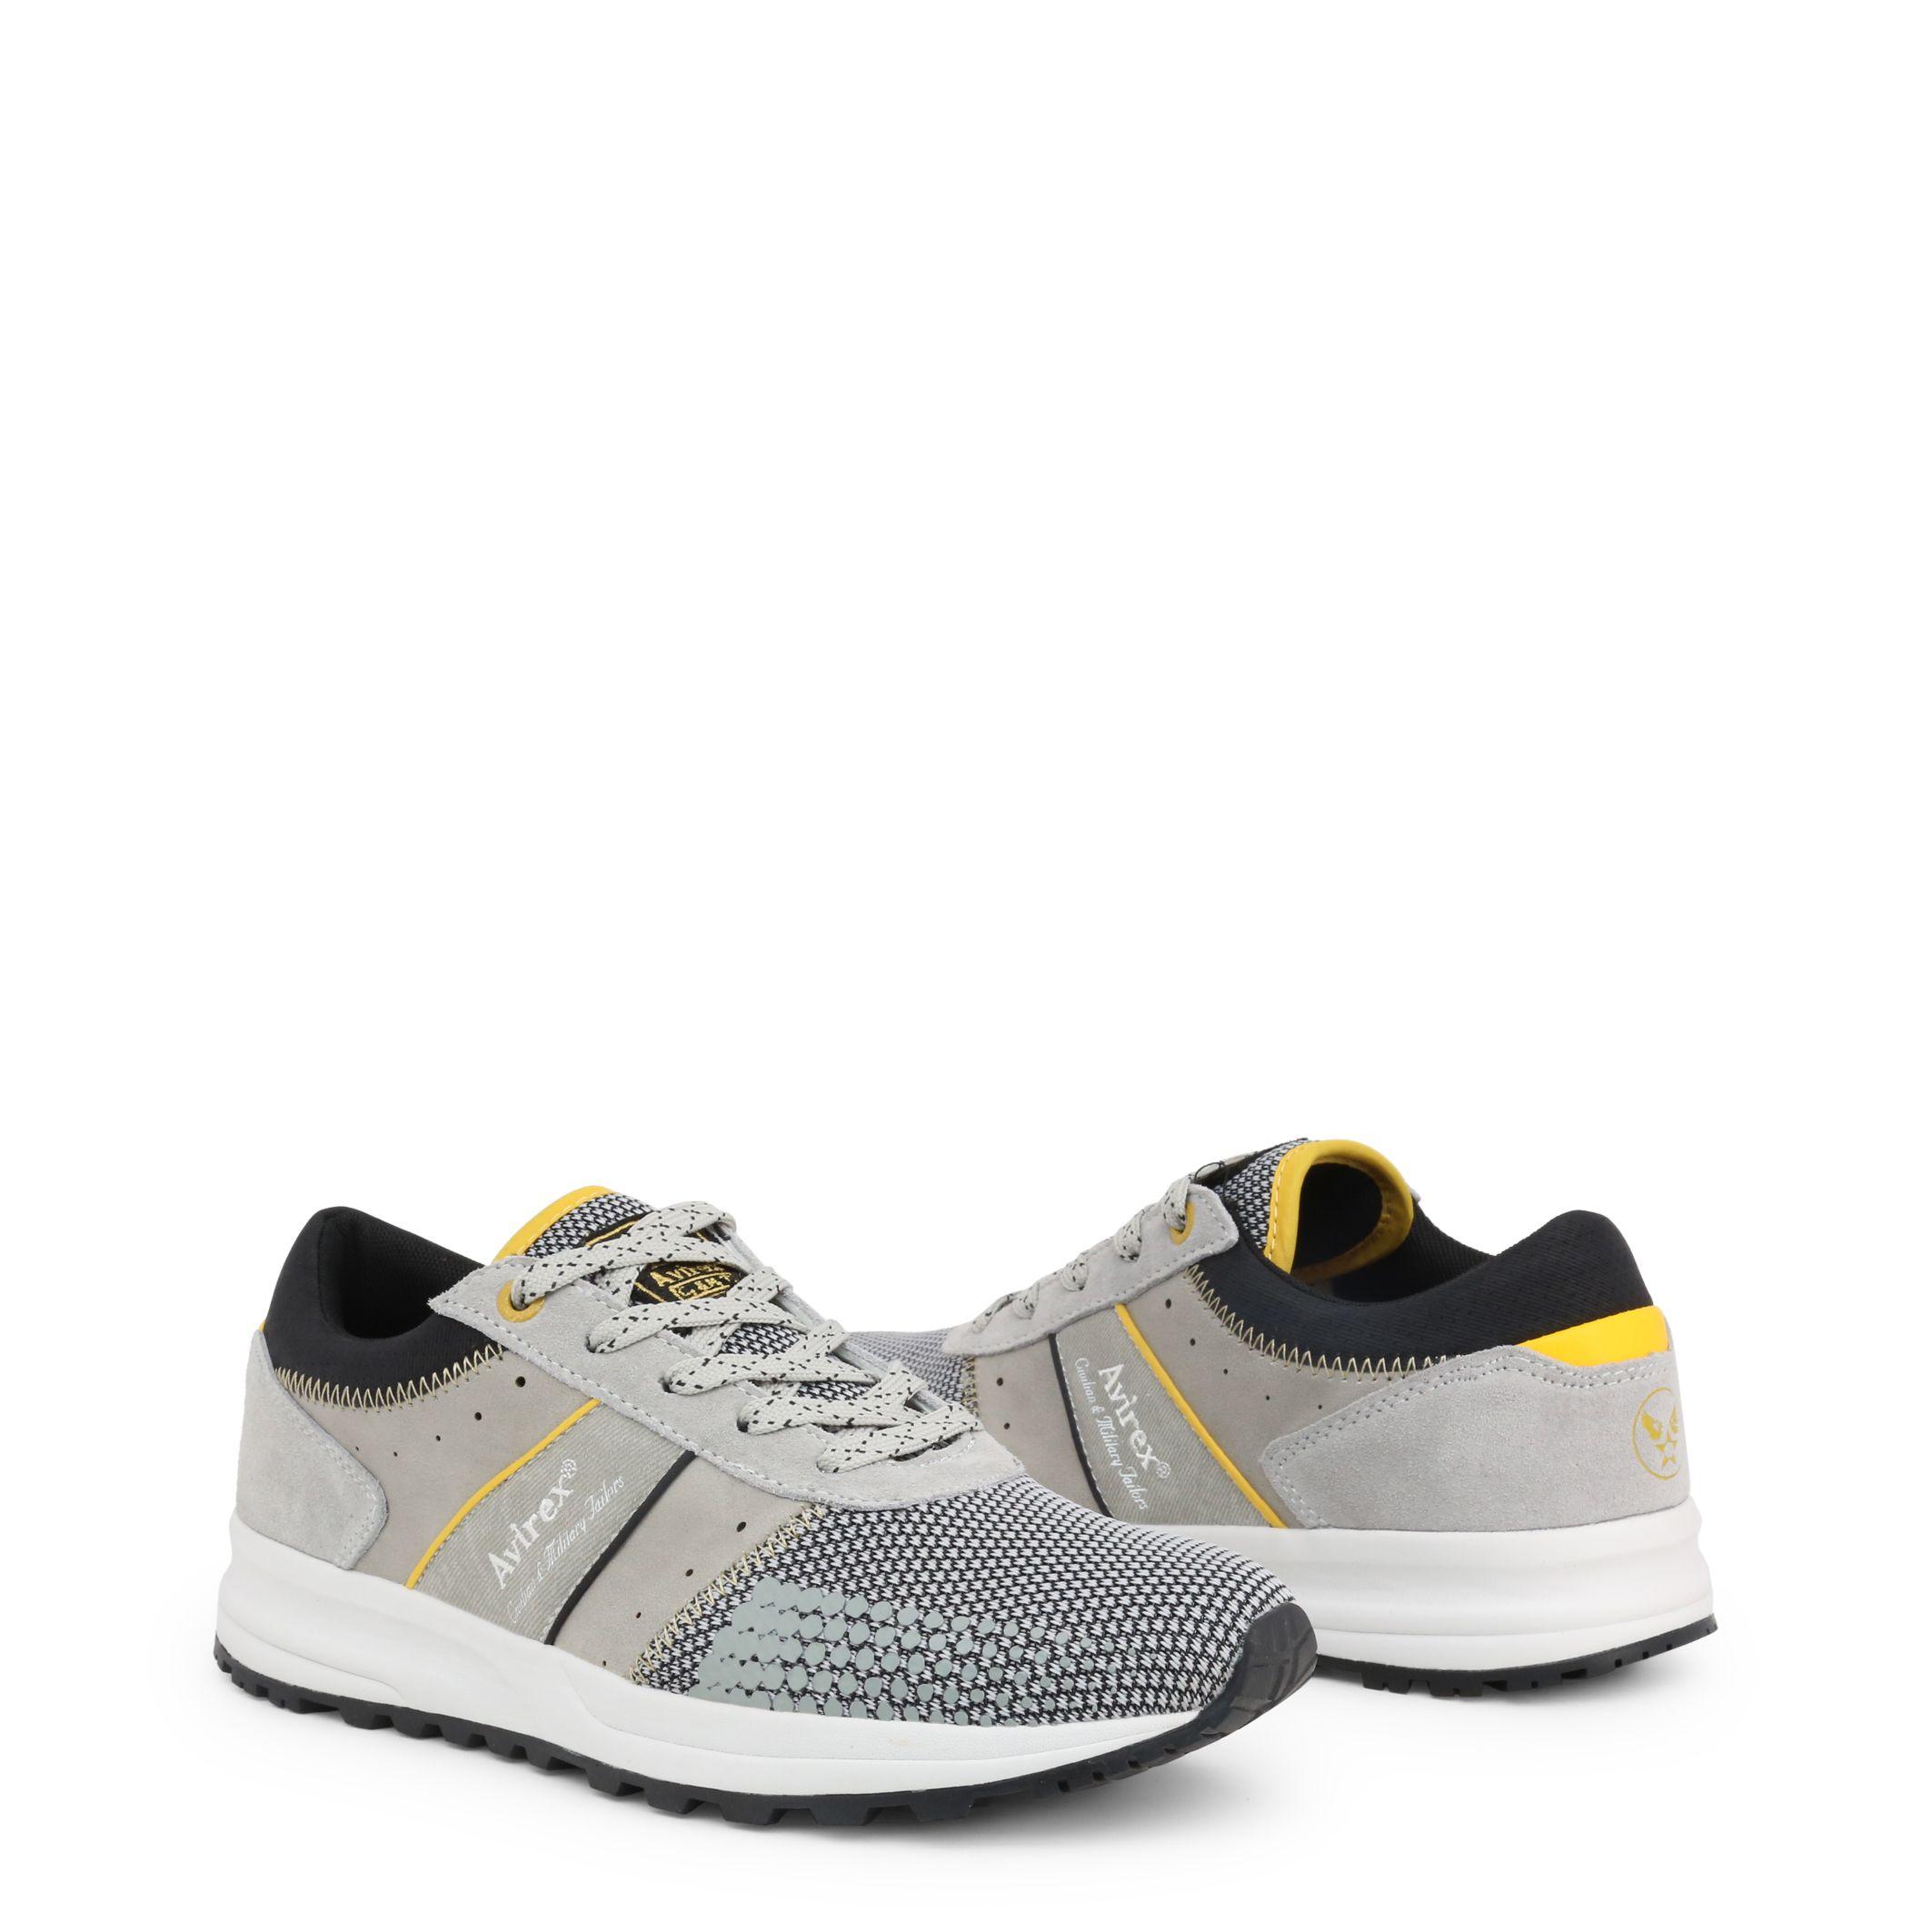 Chaussures Avirex – AV01M60611